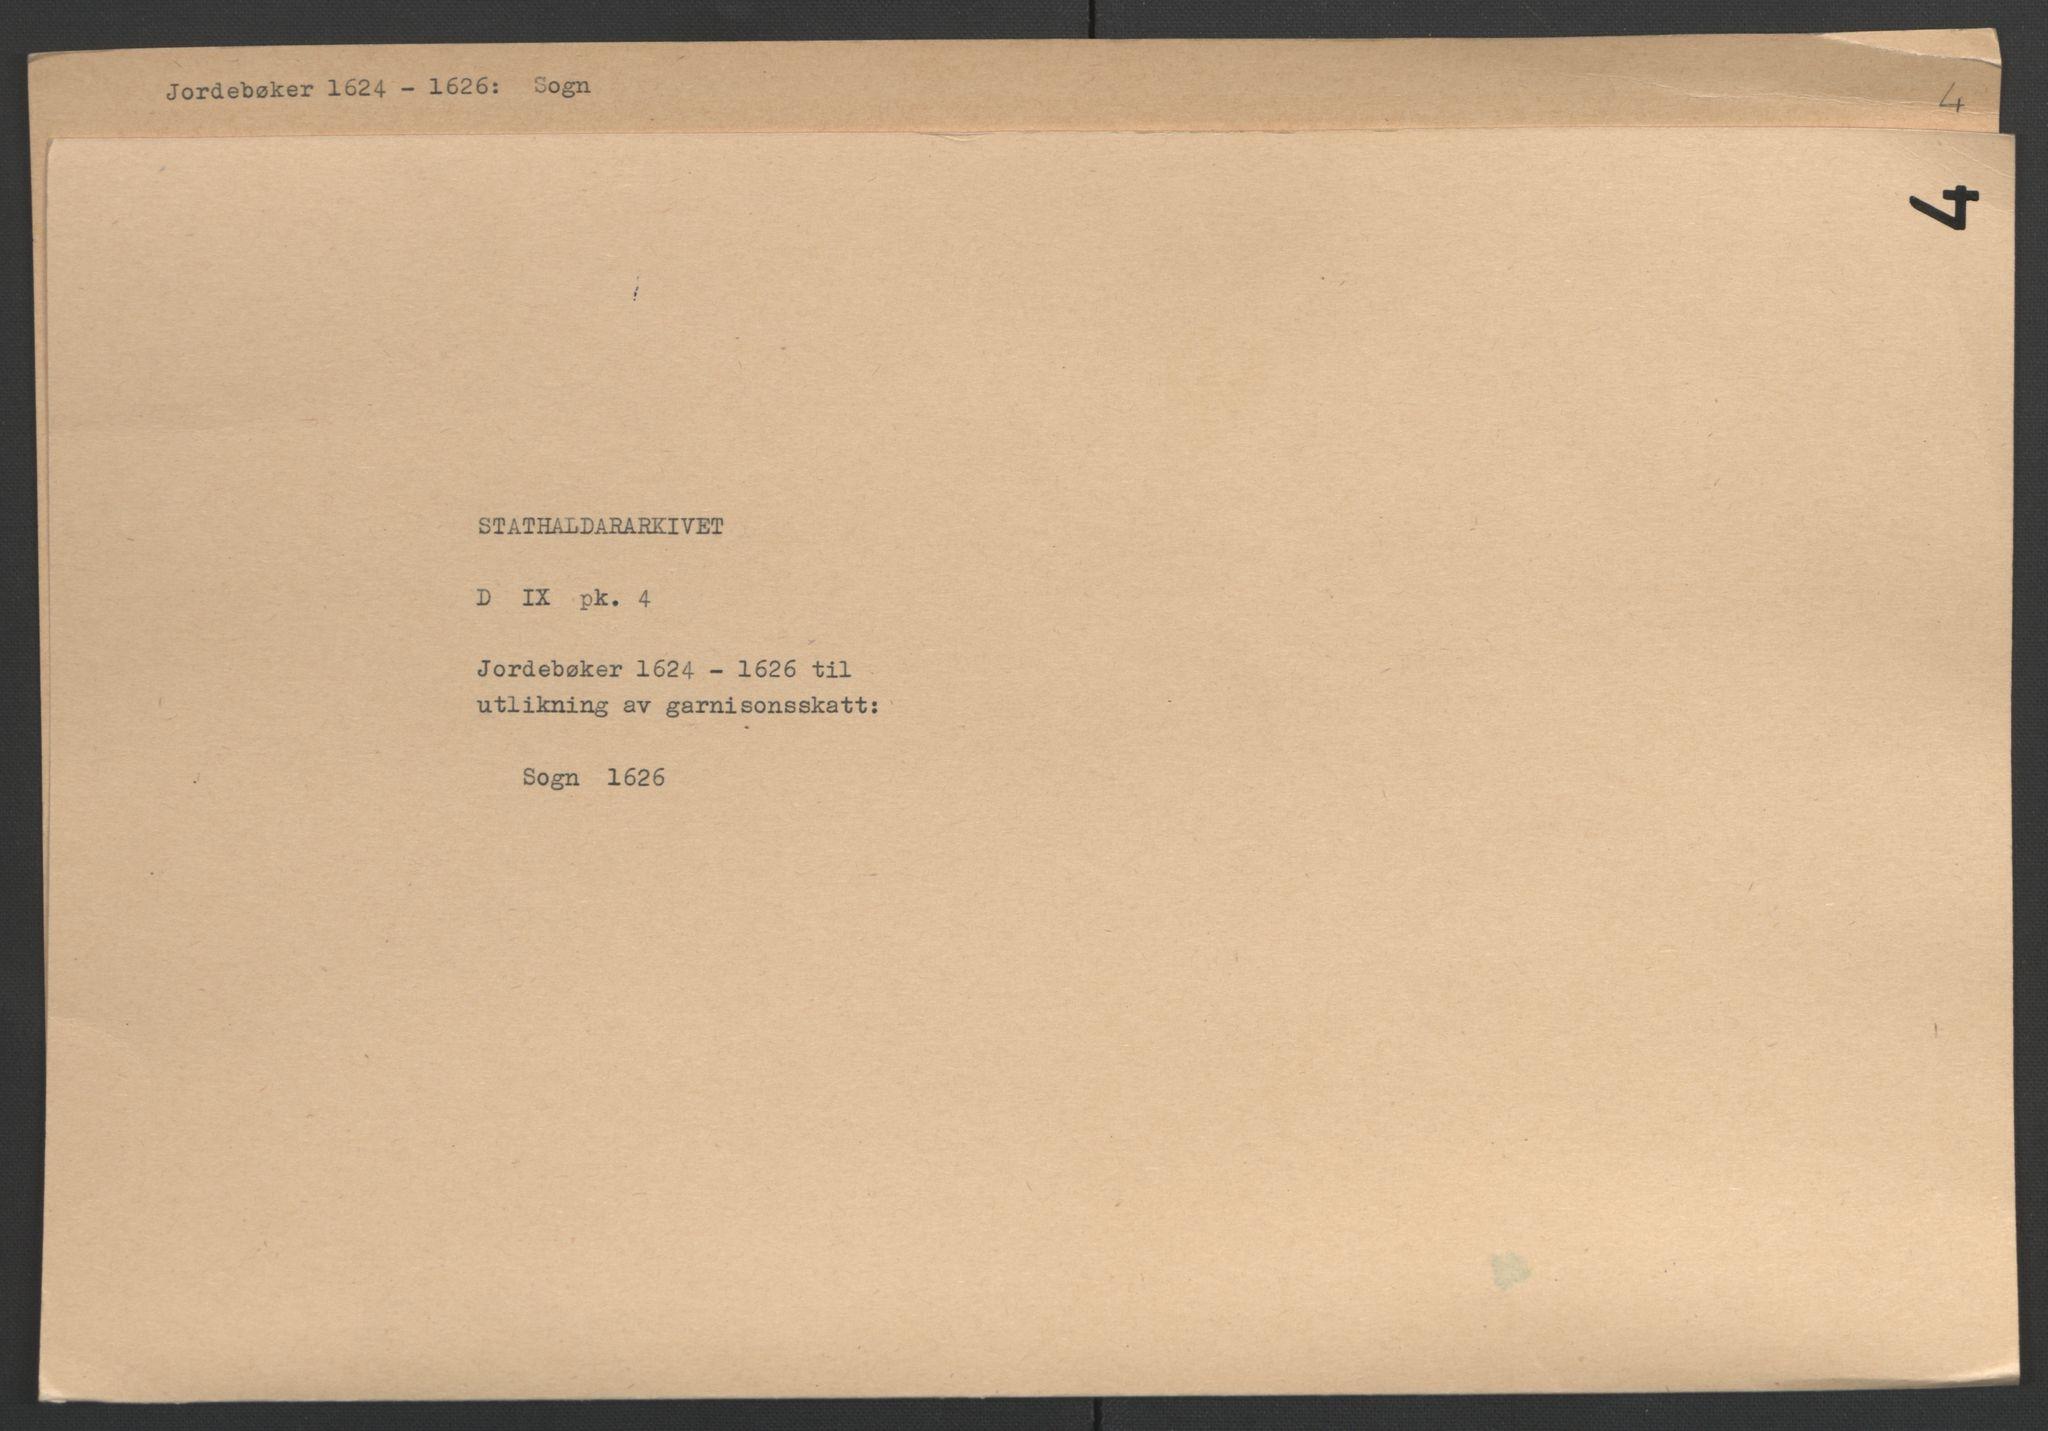 RA, Stattholderembetet 1572-1771, Ek/L0004: Jordebøker til utlikning av garnisonsskatt 1624-1626:, 1626, s. 174